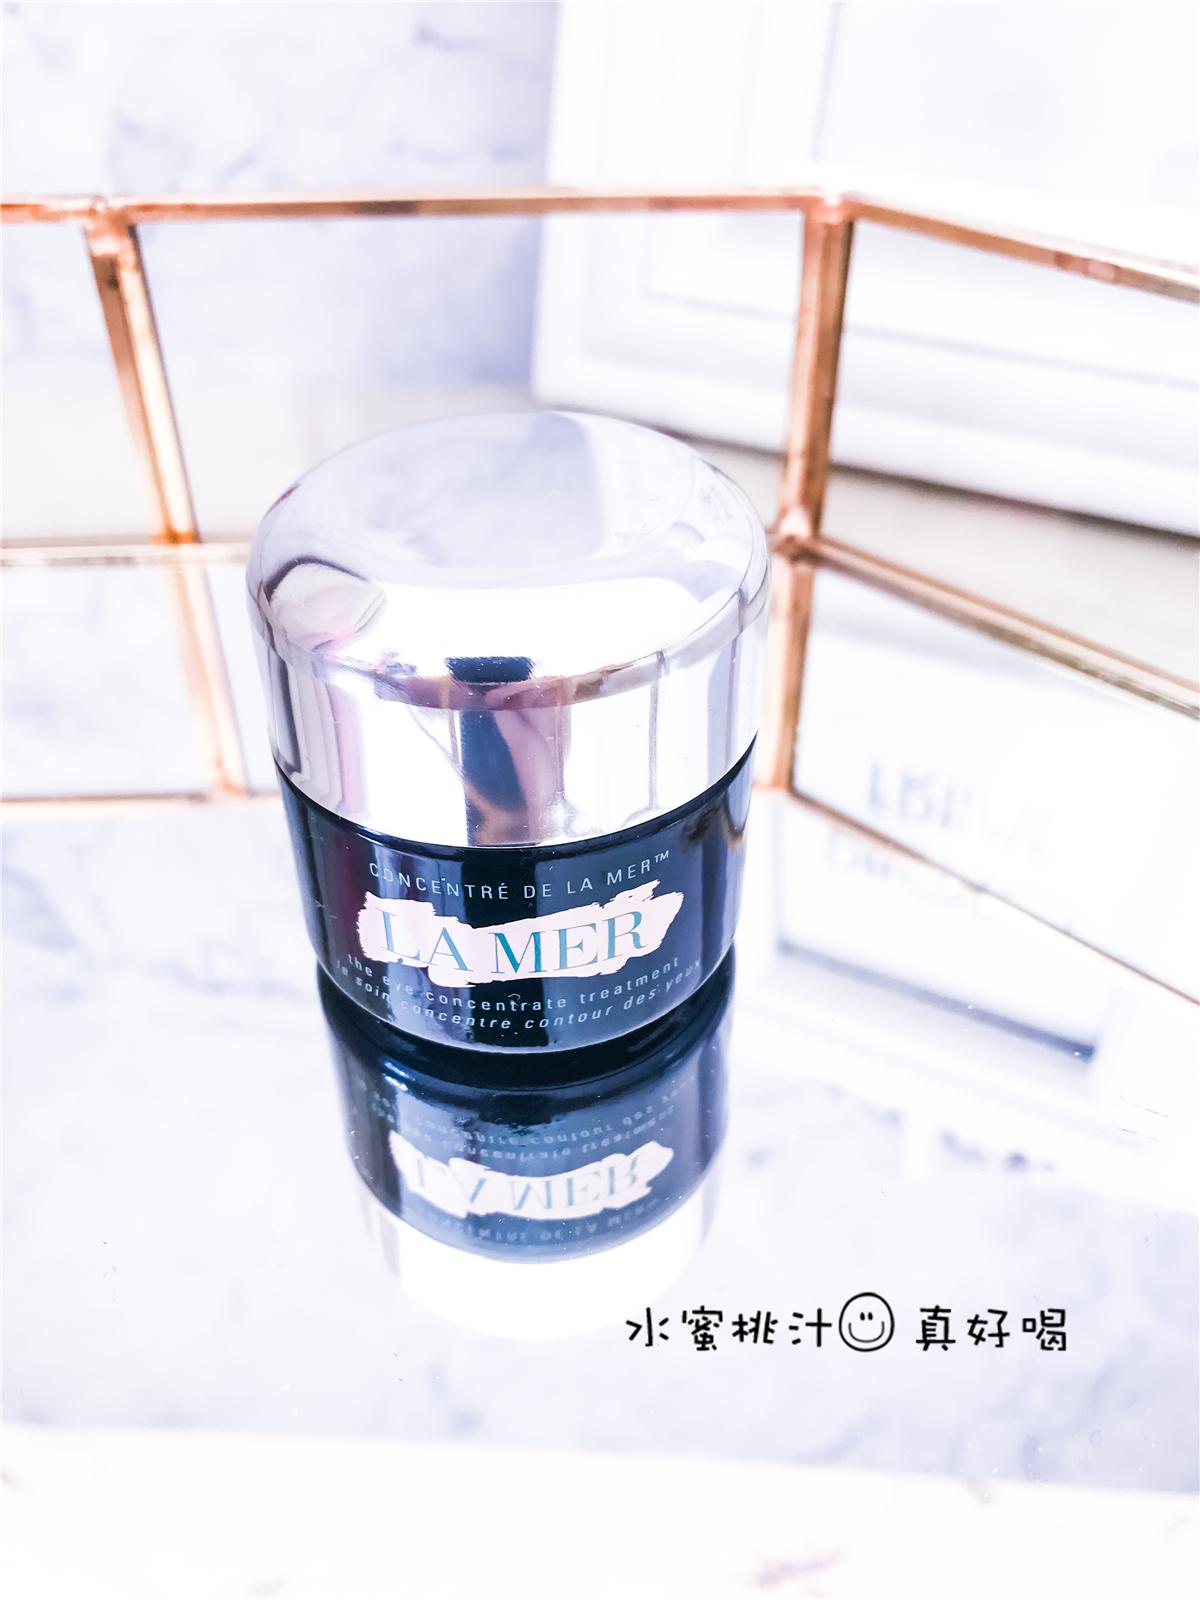 空瓶IMG_7859.jpg